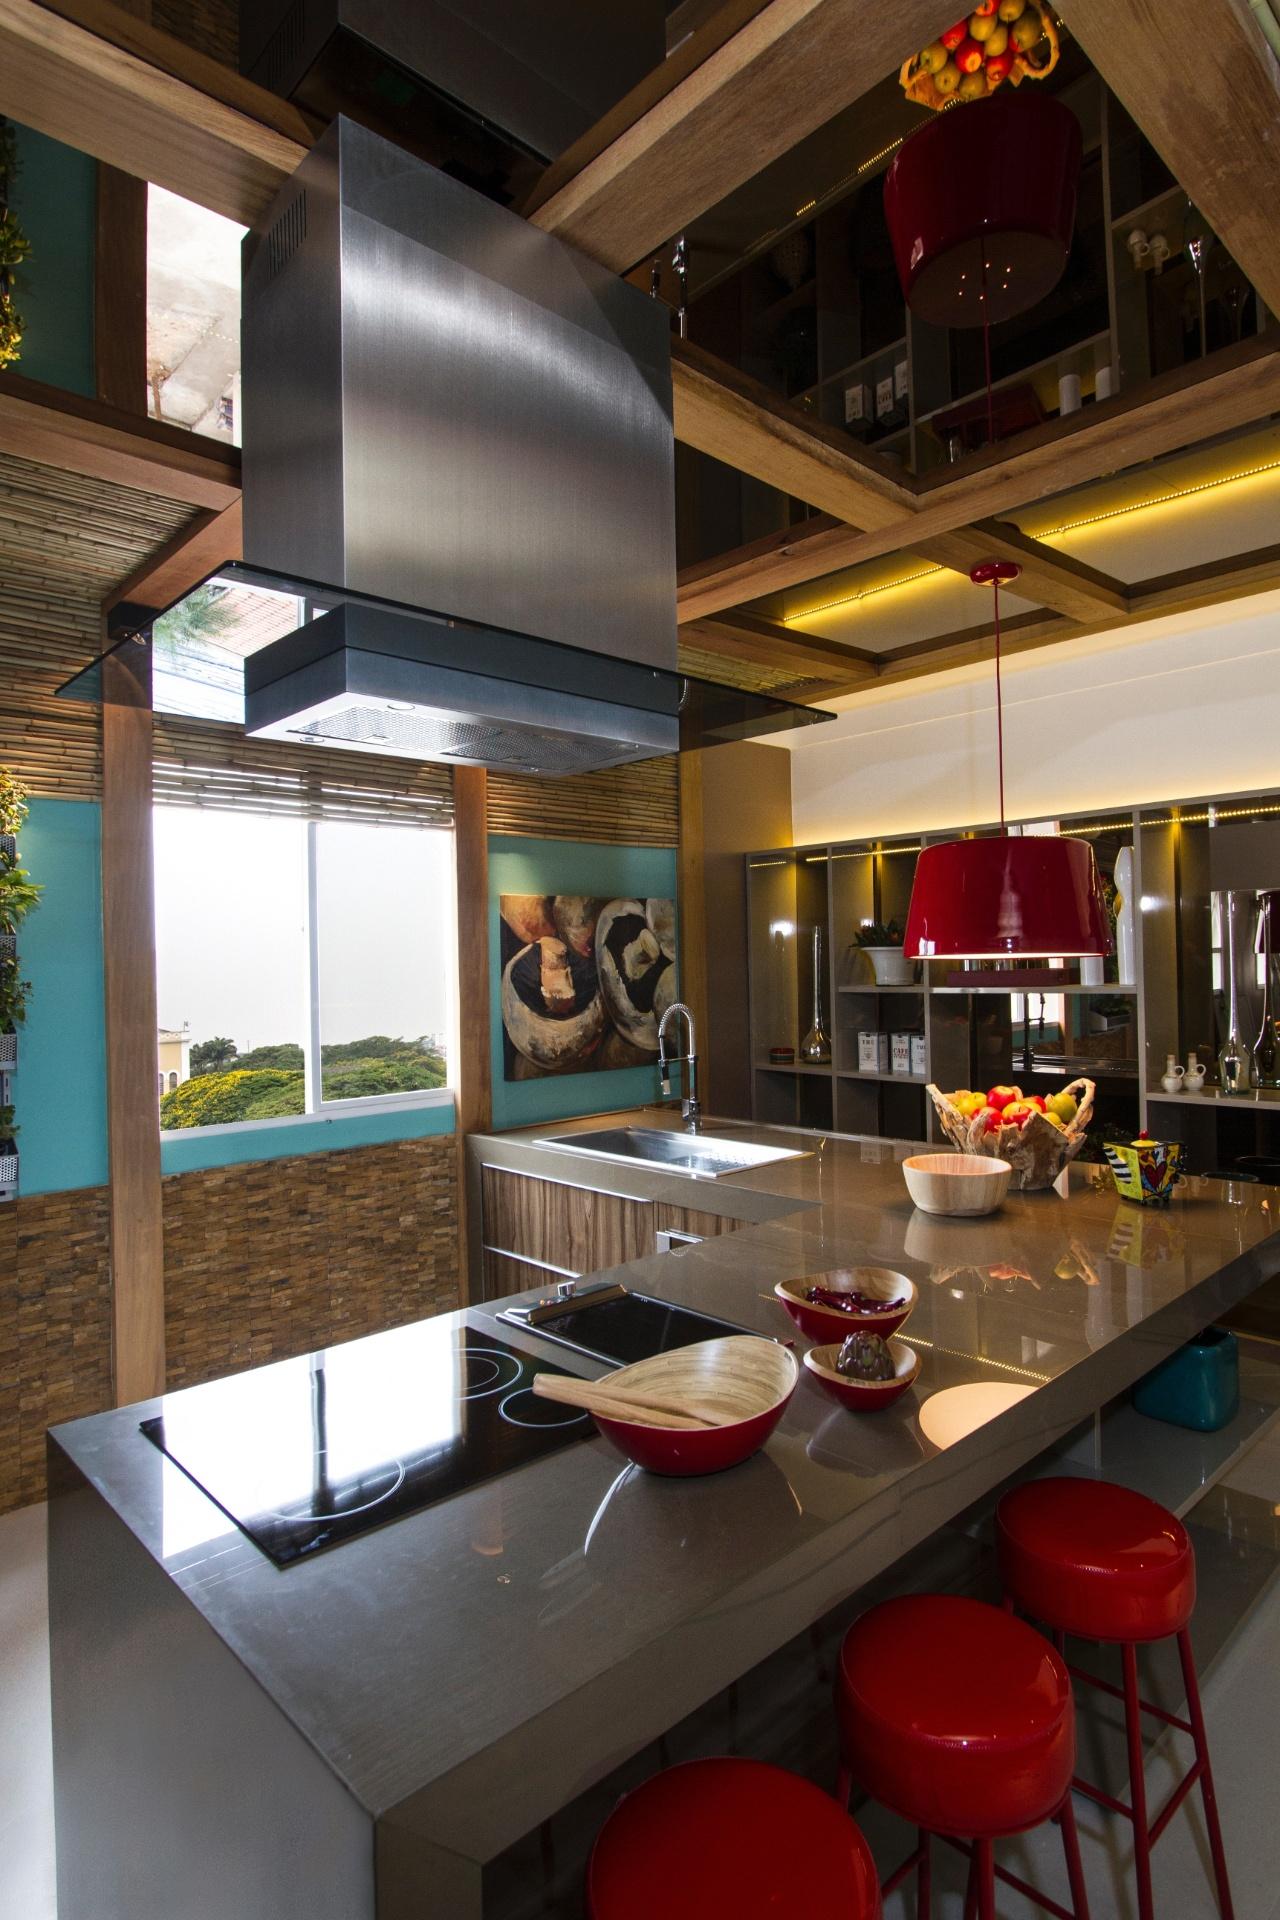 A Cozinha e Lavanderia, ambiente projetado por Adriana Consulin, tem como destaque a bancada grande e solta, que dá maior amplitude ao ambiente. A Casa Cor Campinas fica em cartaz até dia 2 de dezembro de 2012, na Cúria Metropolitana. São 36 ambientes, mais de 45 profissionais e 2.695 m² de área construída em padrão Art Déco